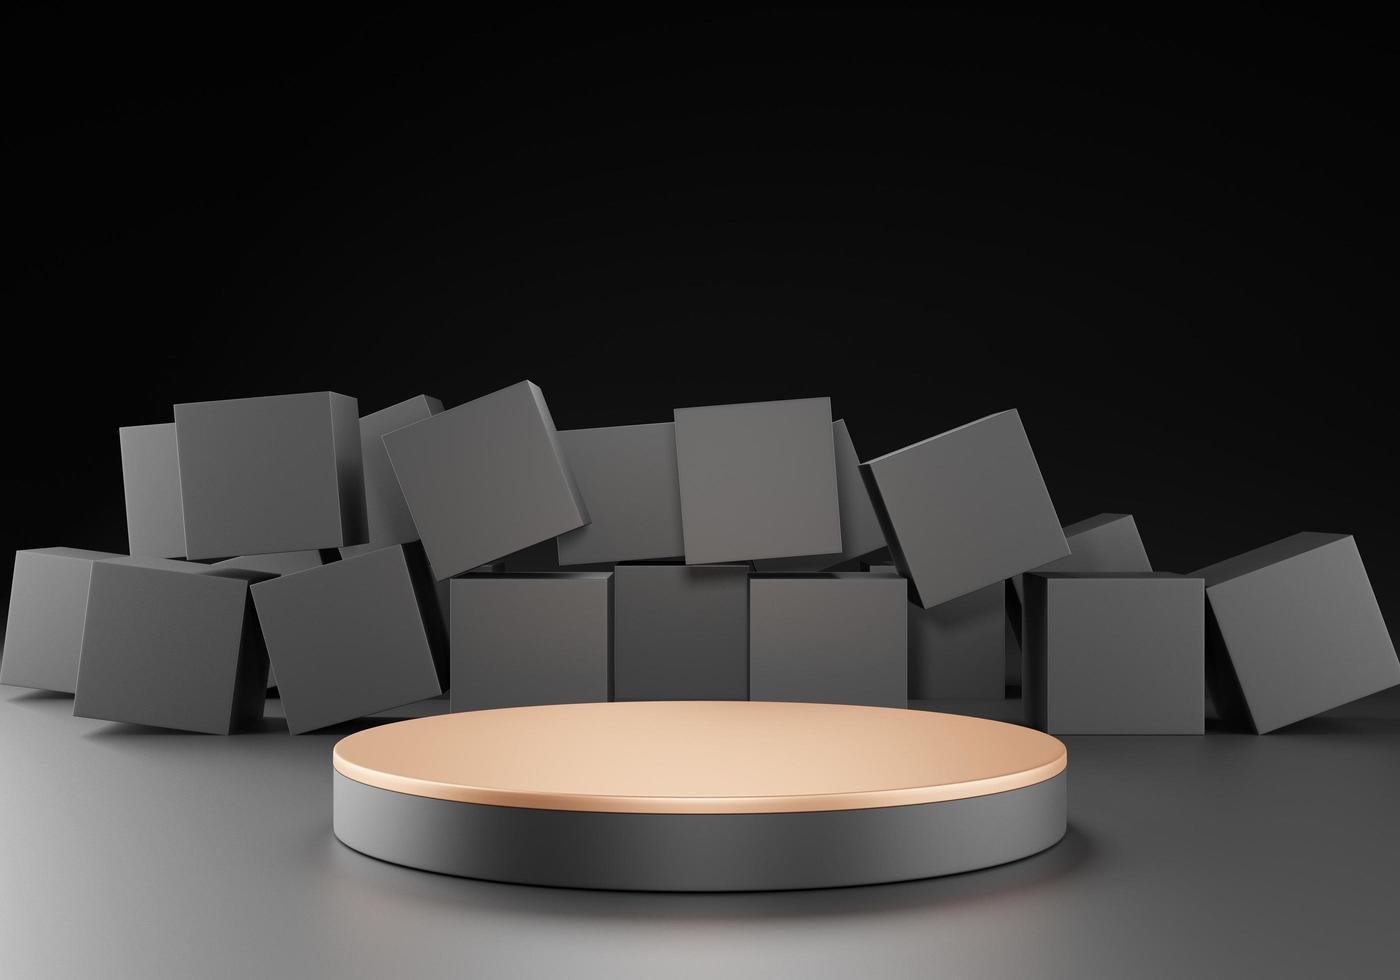 podium de support de piédestal noir sur fond noir avec des boîtes carrées photo